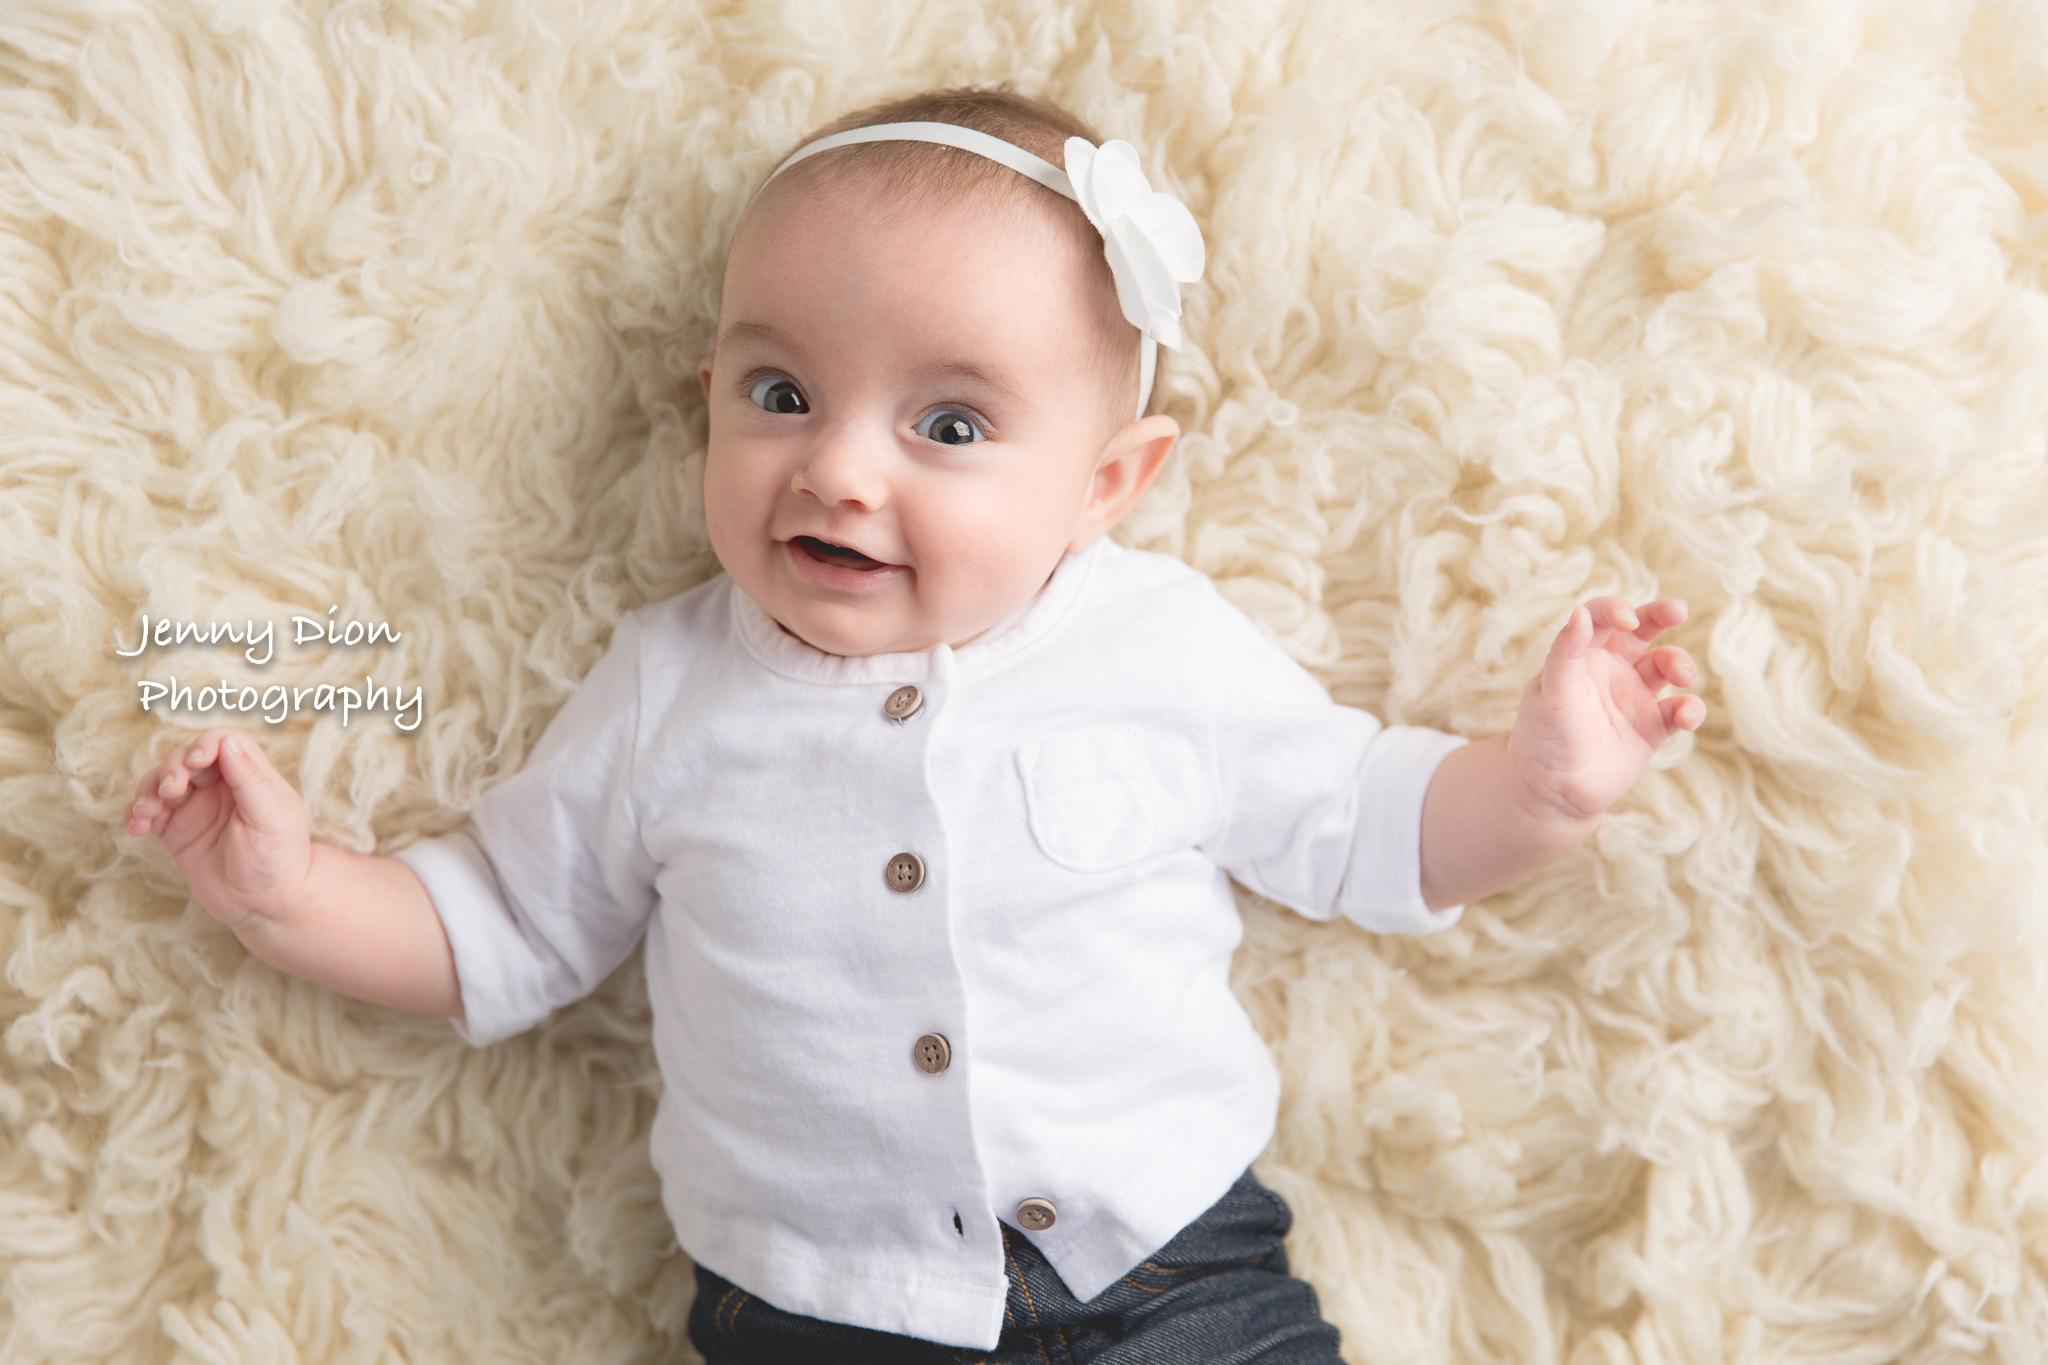 Happiest baby I've ever seen!